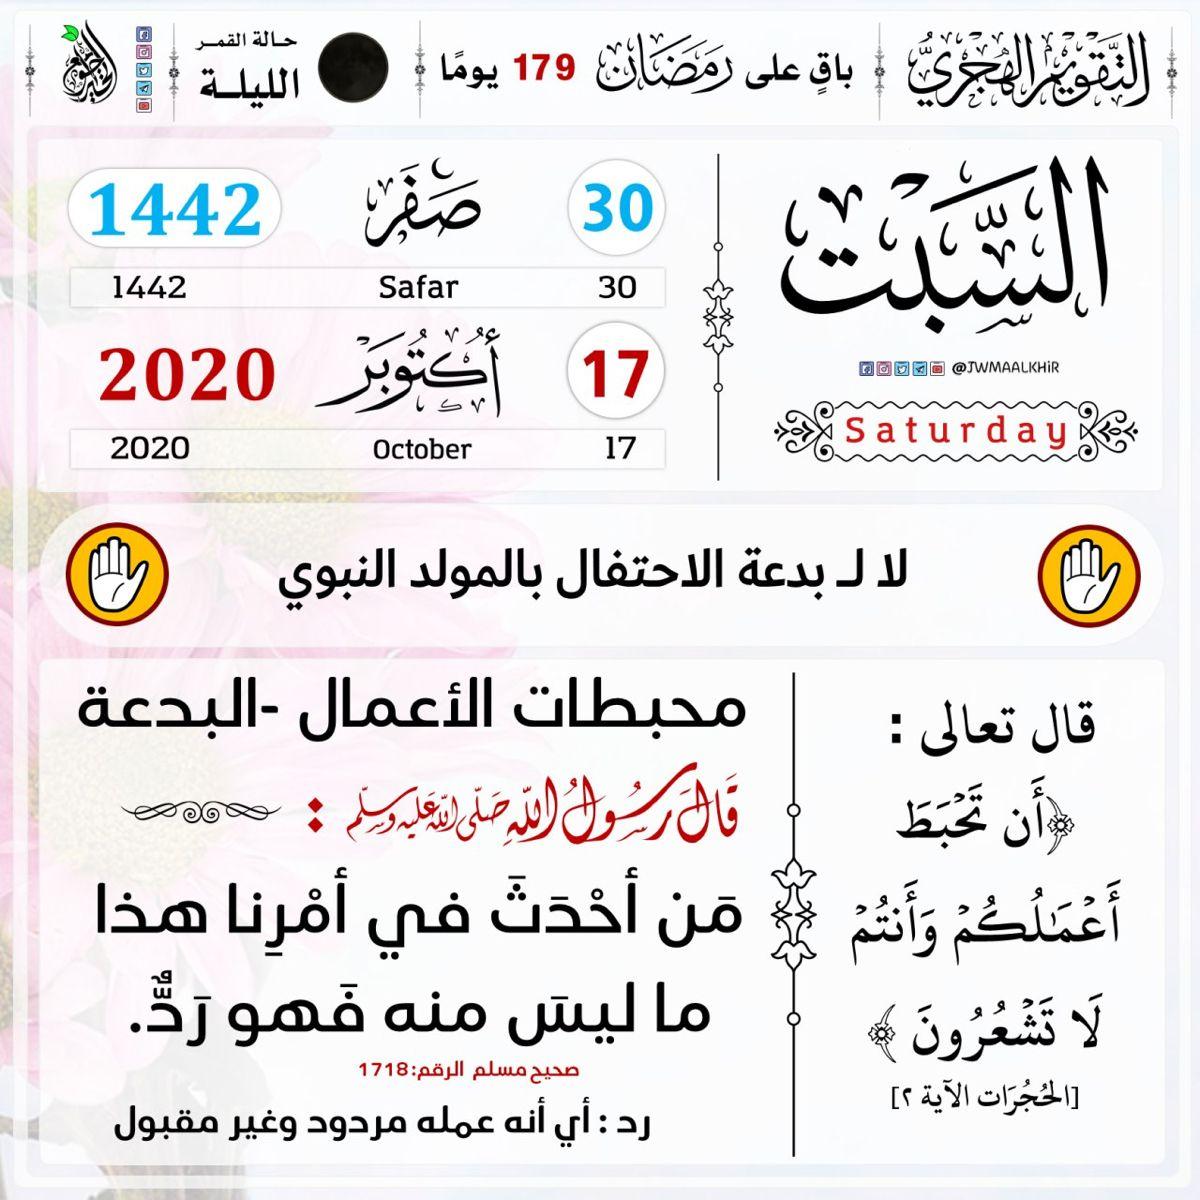 التذكير اليومي بـ التقويم الهجري السبت 30 صفر 1442هـ الموافق لـ 17 أكتوبر2020م باق على رمضان 179 يوم ا حديث اليوم محبطات الأع Words Math Bullet Journal